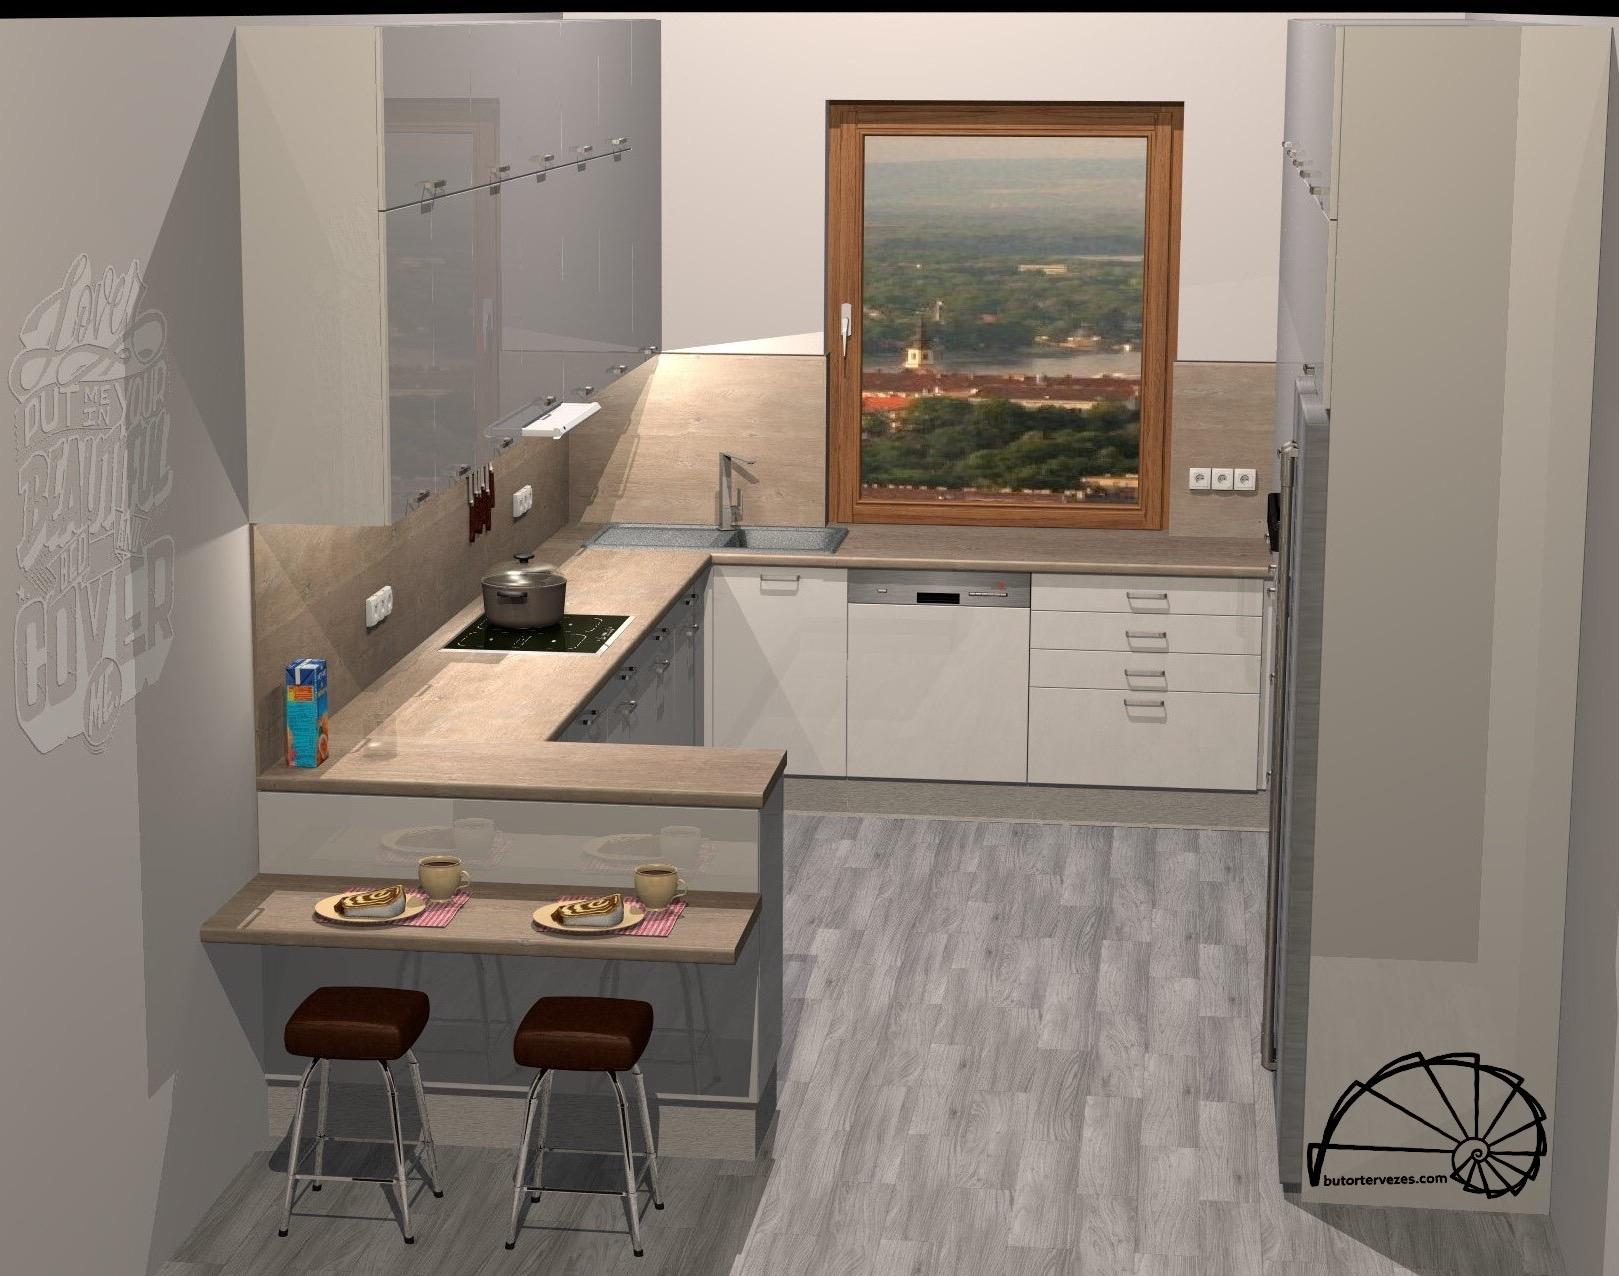 Egyedi konyhabútor látványterv magasfényű fehér U alakú szigettel